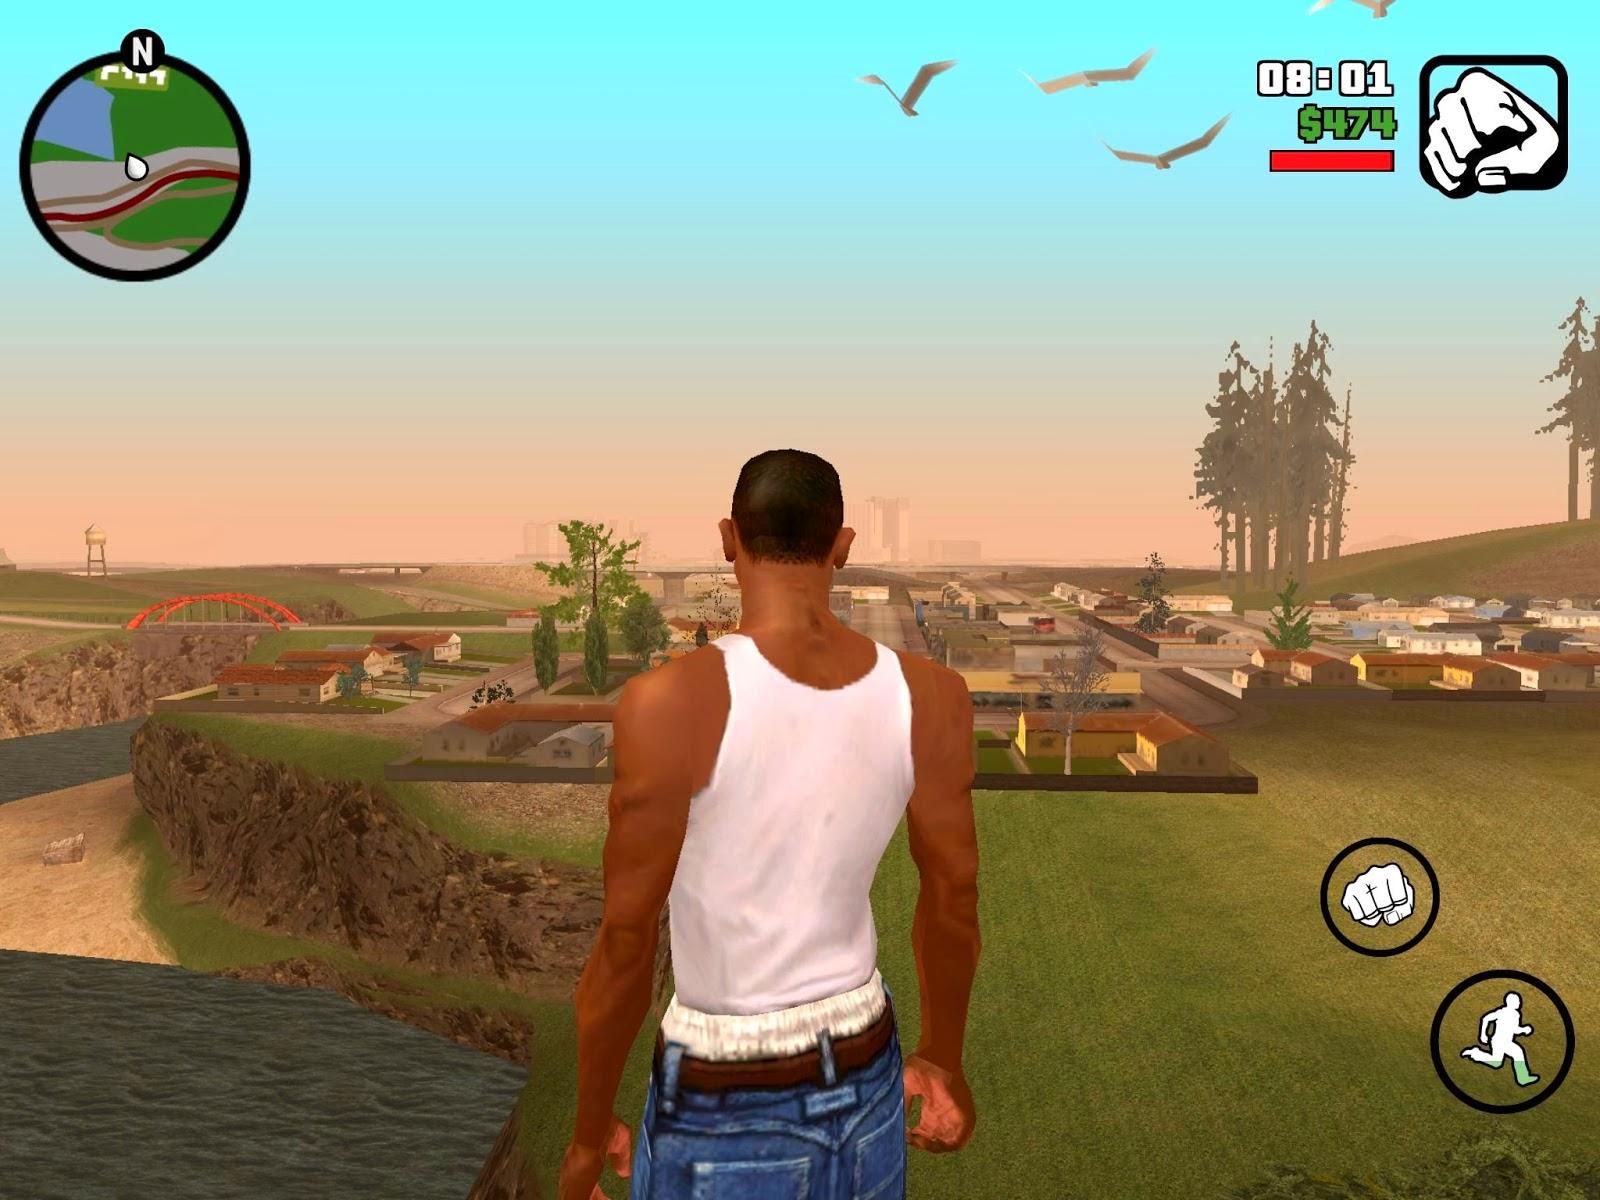 download game apk bagus